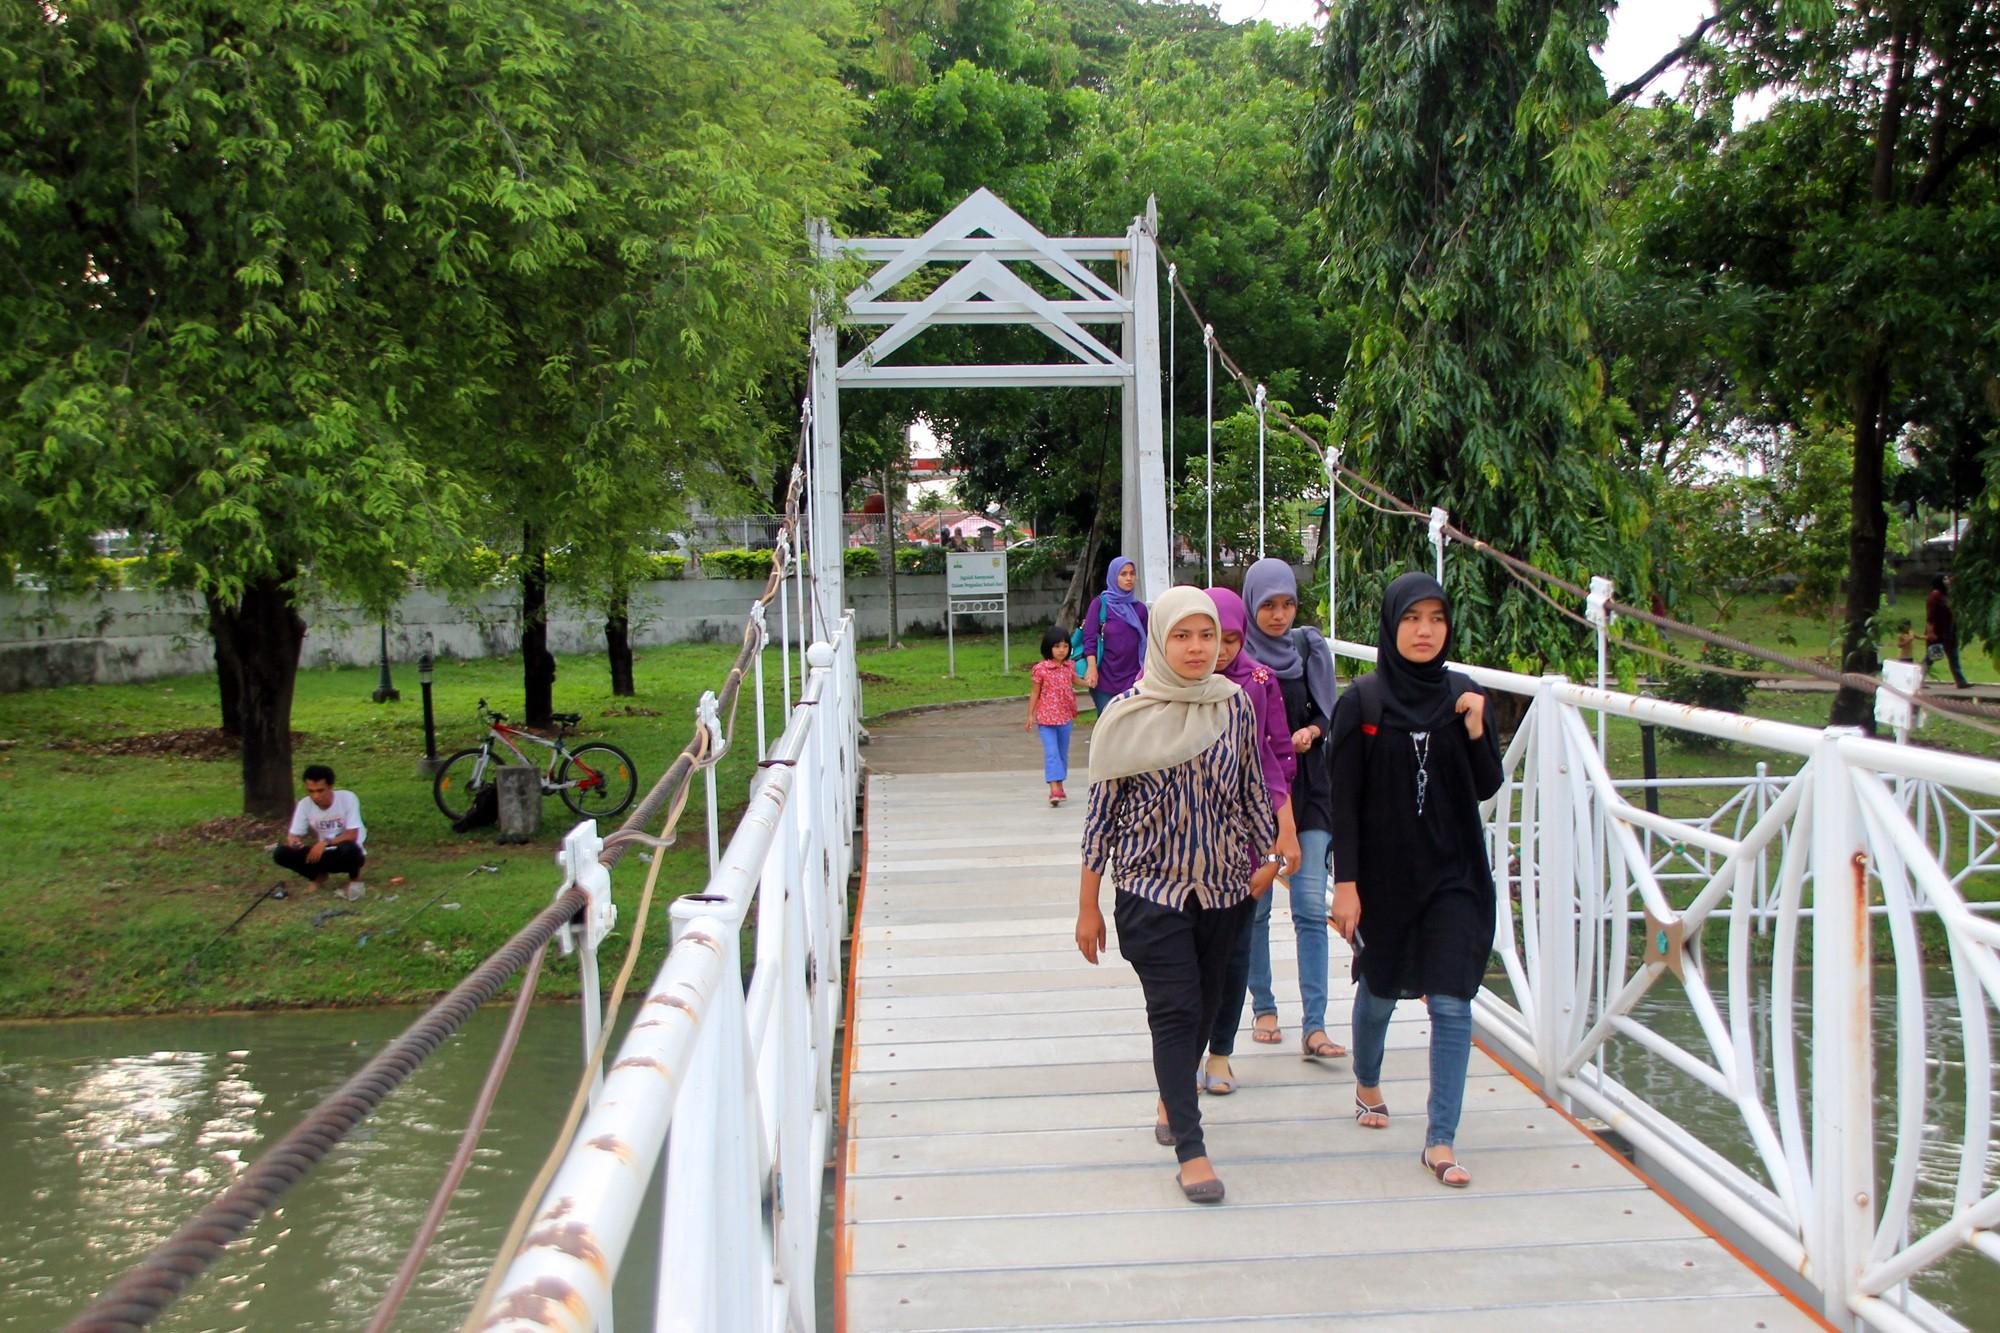 Taman yang memiliki sejarah panjang ini berfungsi seperti umumnya sebuah taman kota